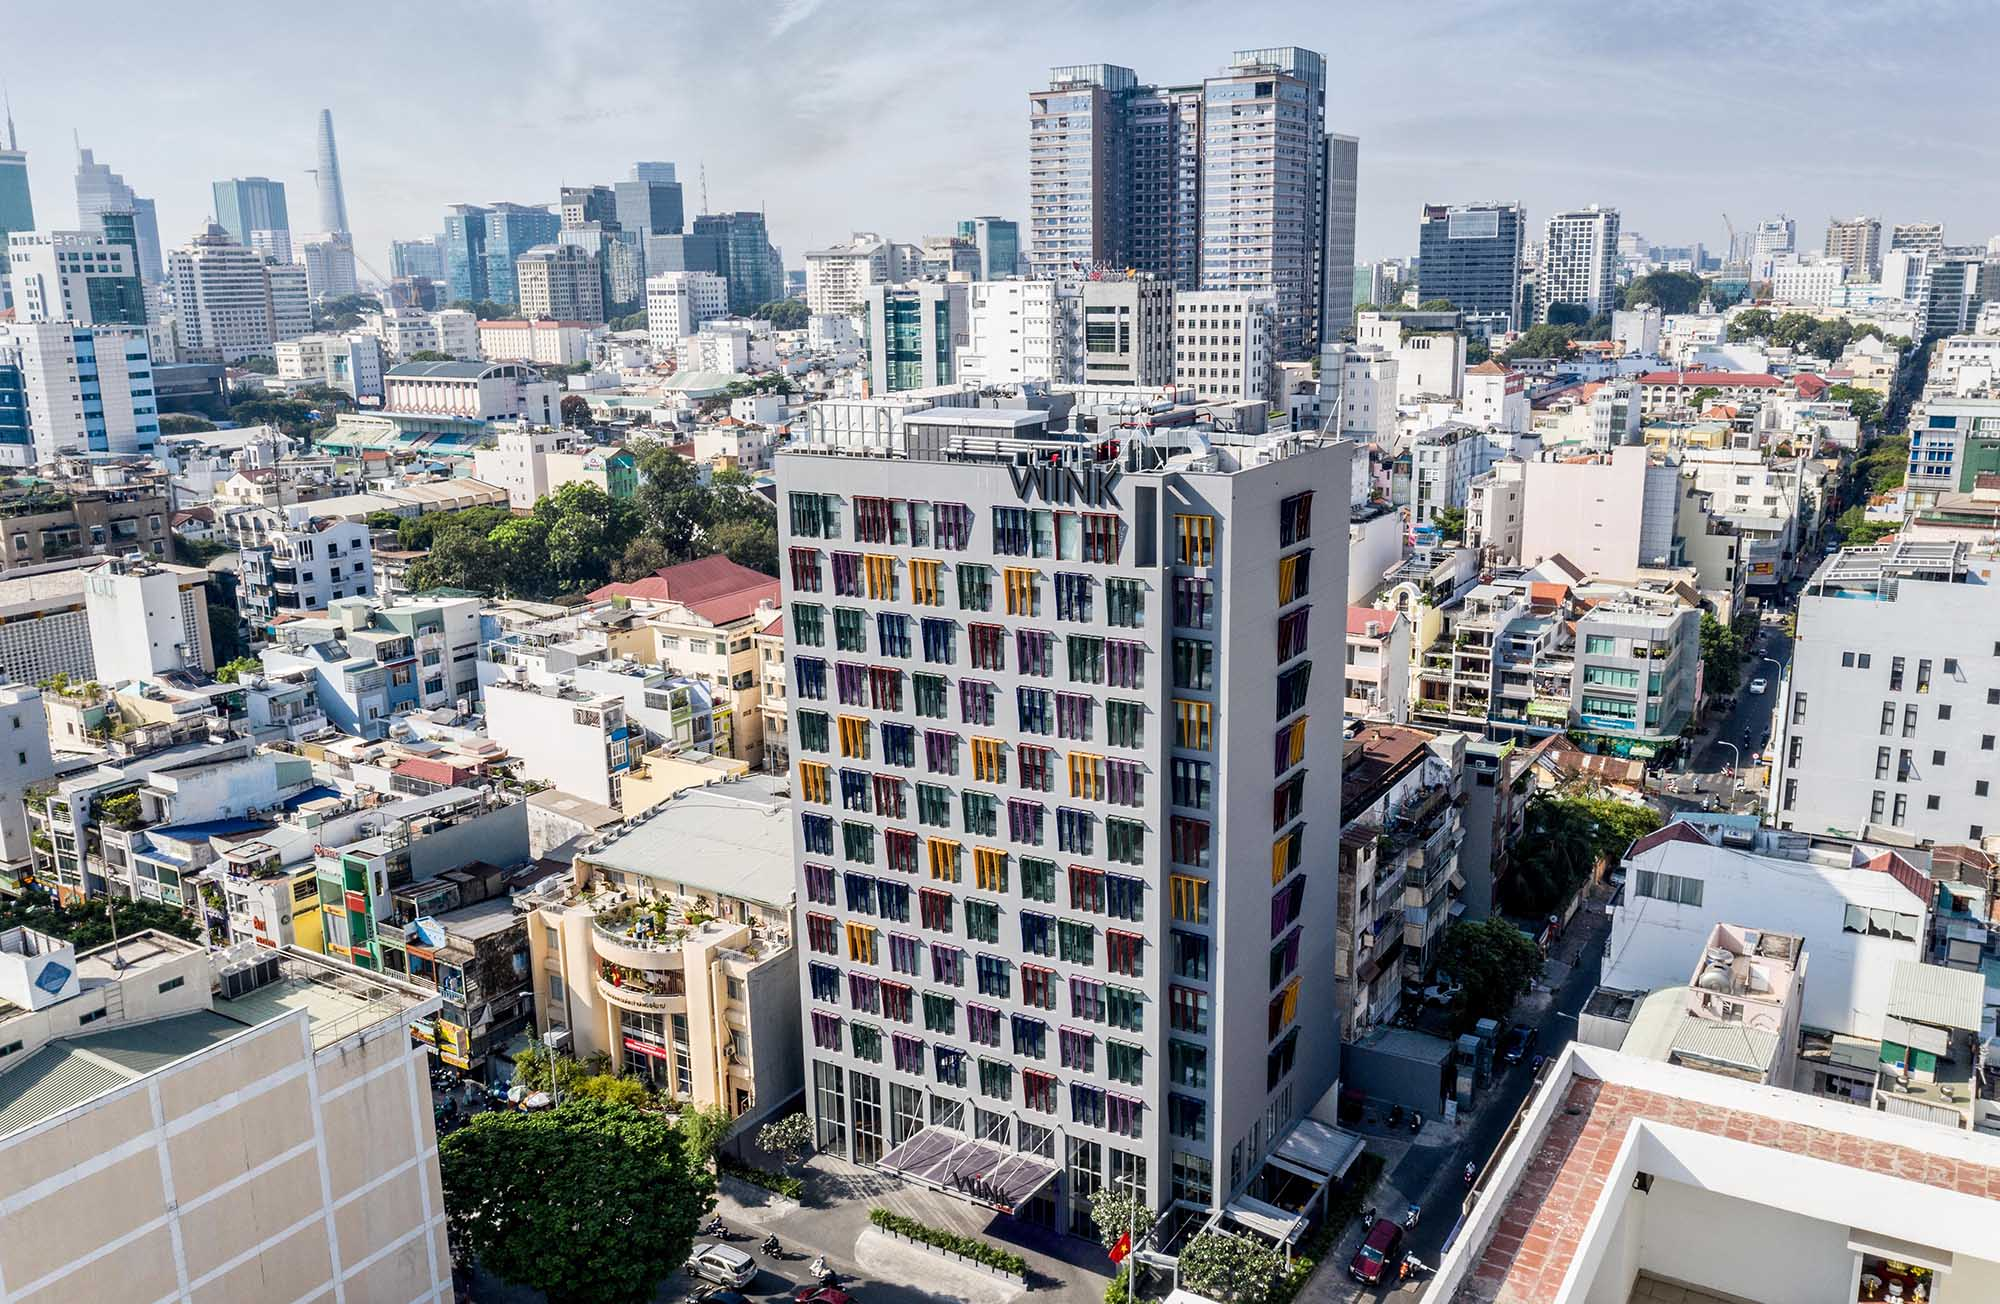 Khách sạn Wink Hotel Saigon Centre